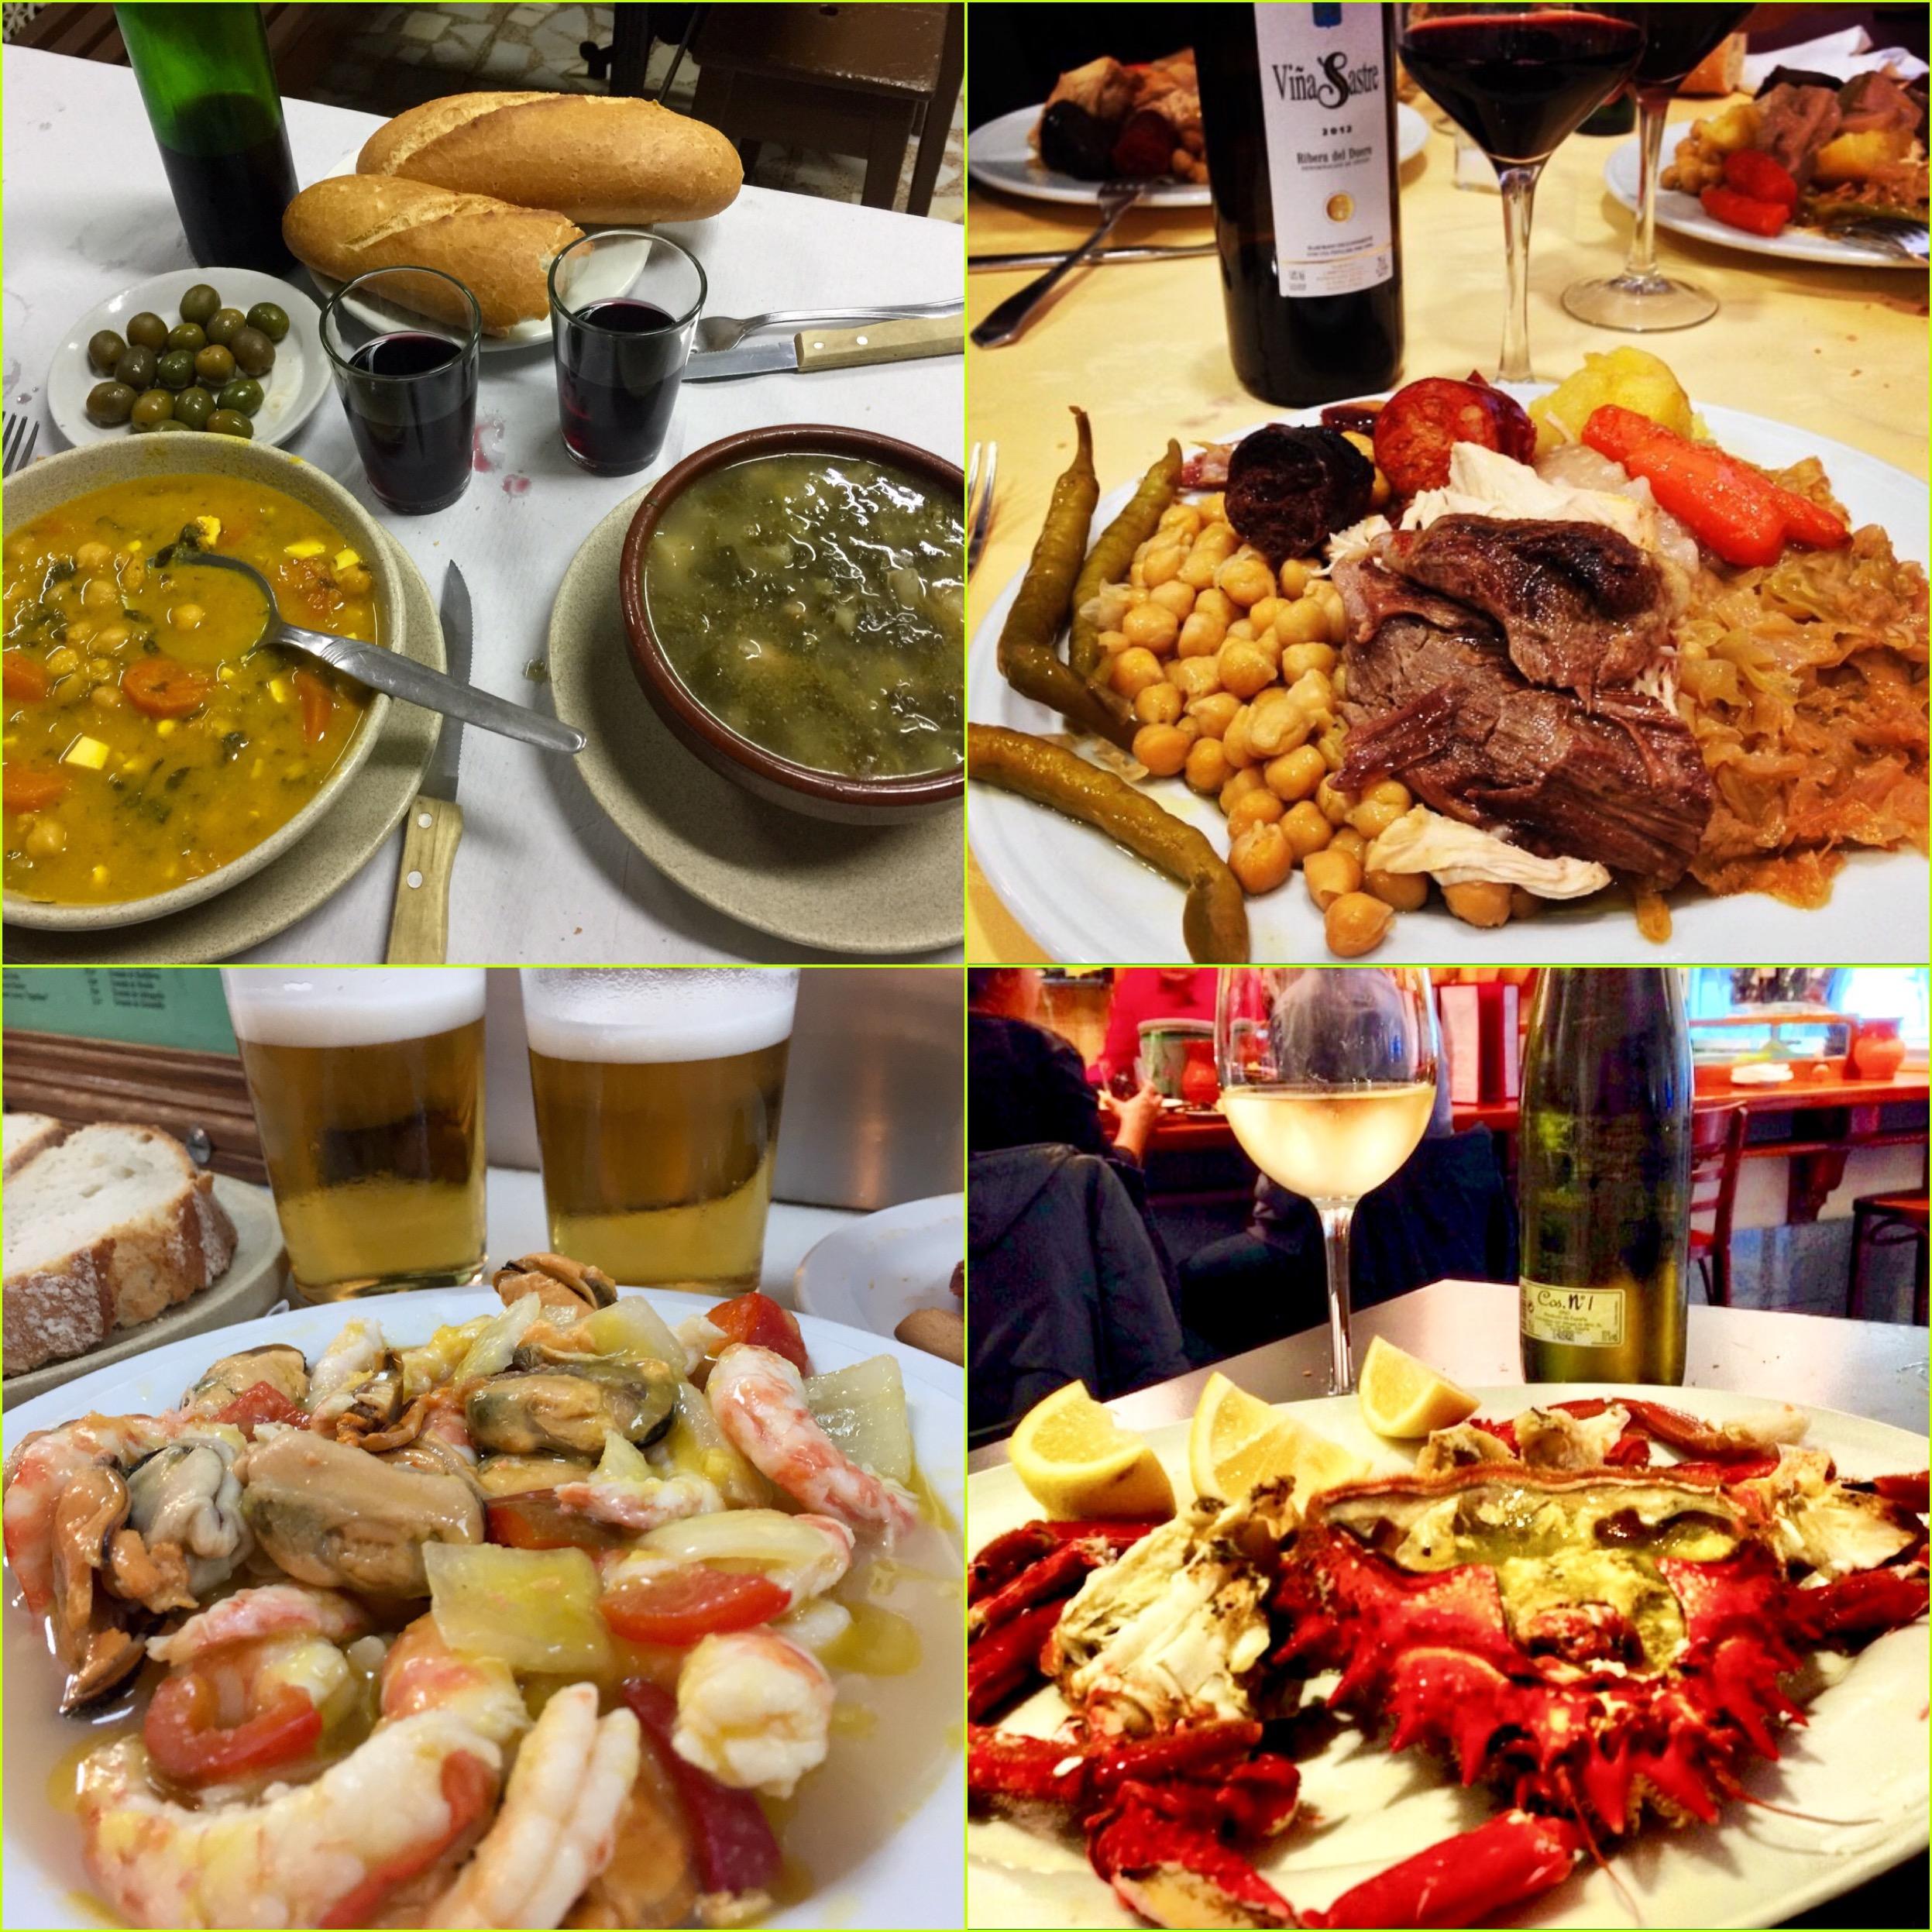 Menús en casa de comidas. Potages, caldos y el majestuoso cocido madrileño. Salpicón de marisco fresquito y centollo.